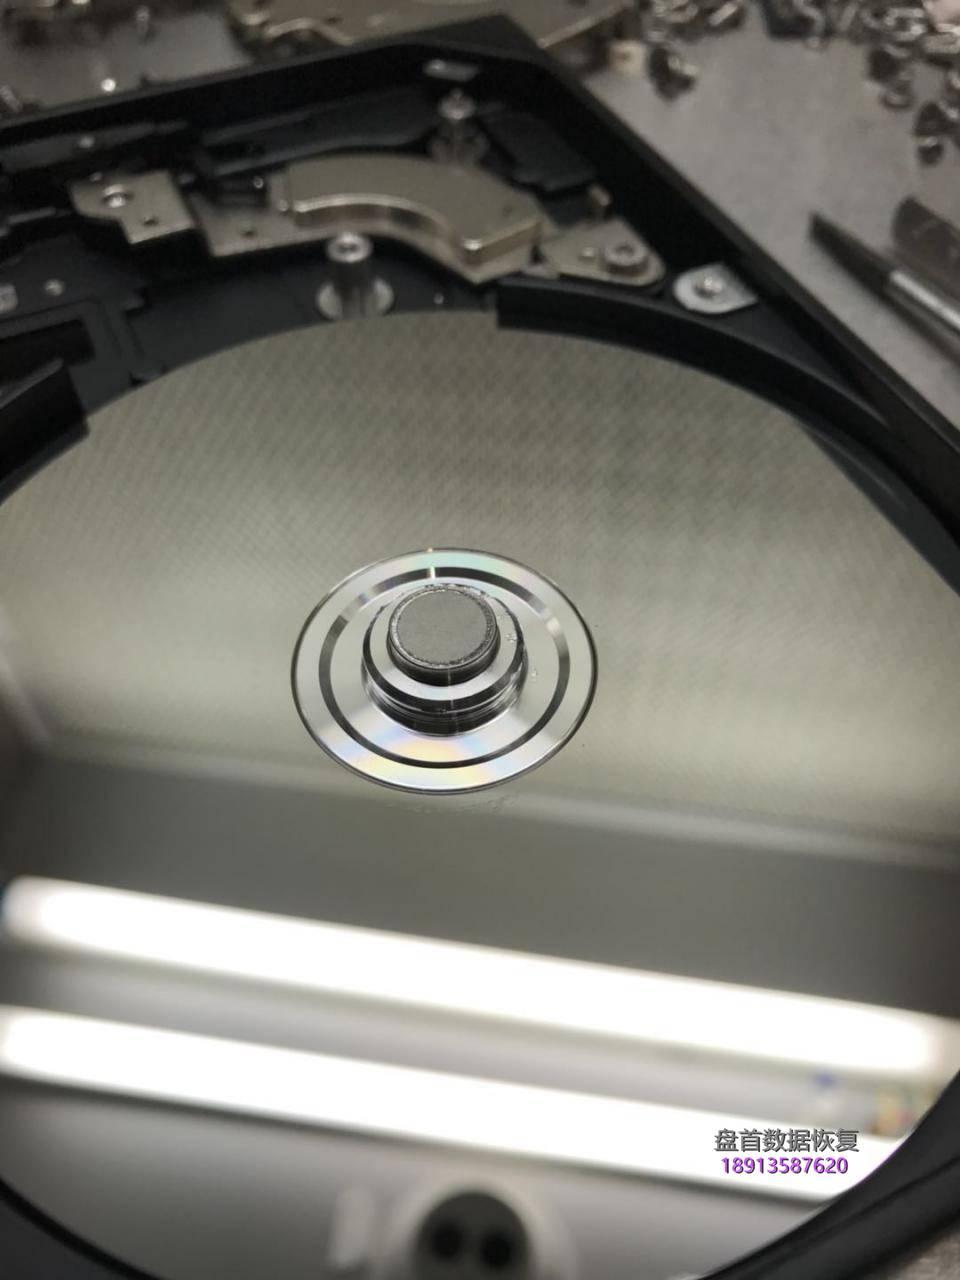 希捷ux系列硬盘st340015a电机损坏卡死 希捷UX系列硬盘ST340015A电机损坏卡死